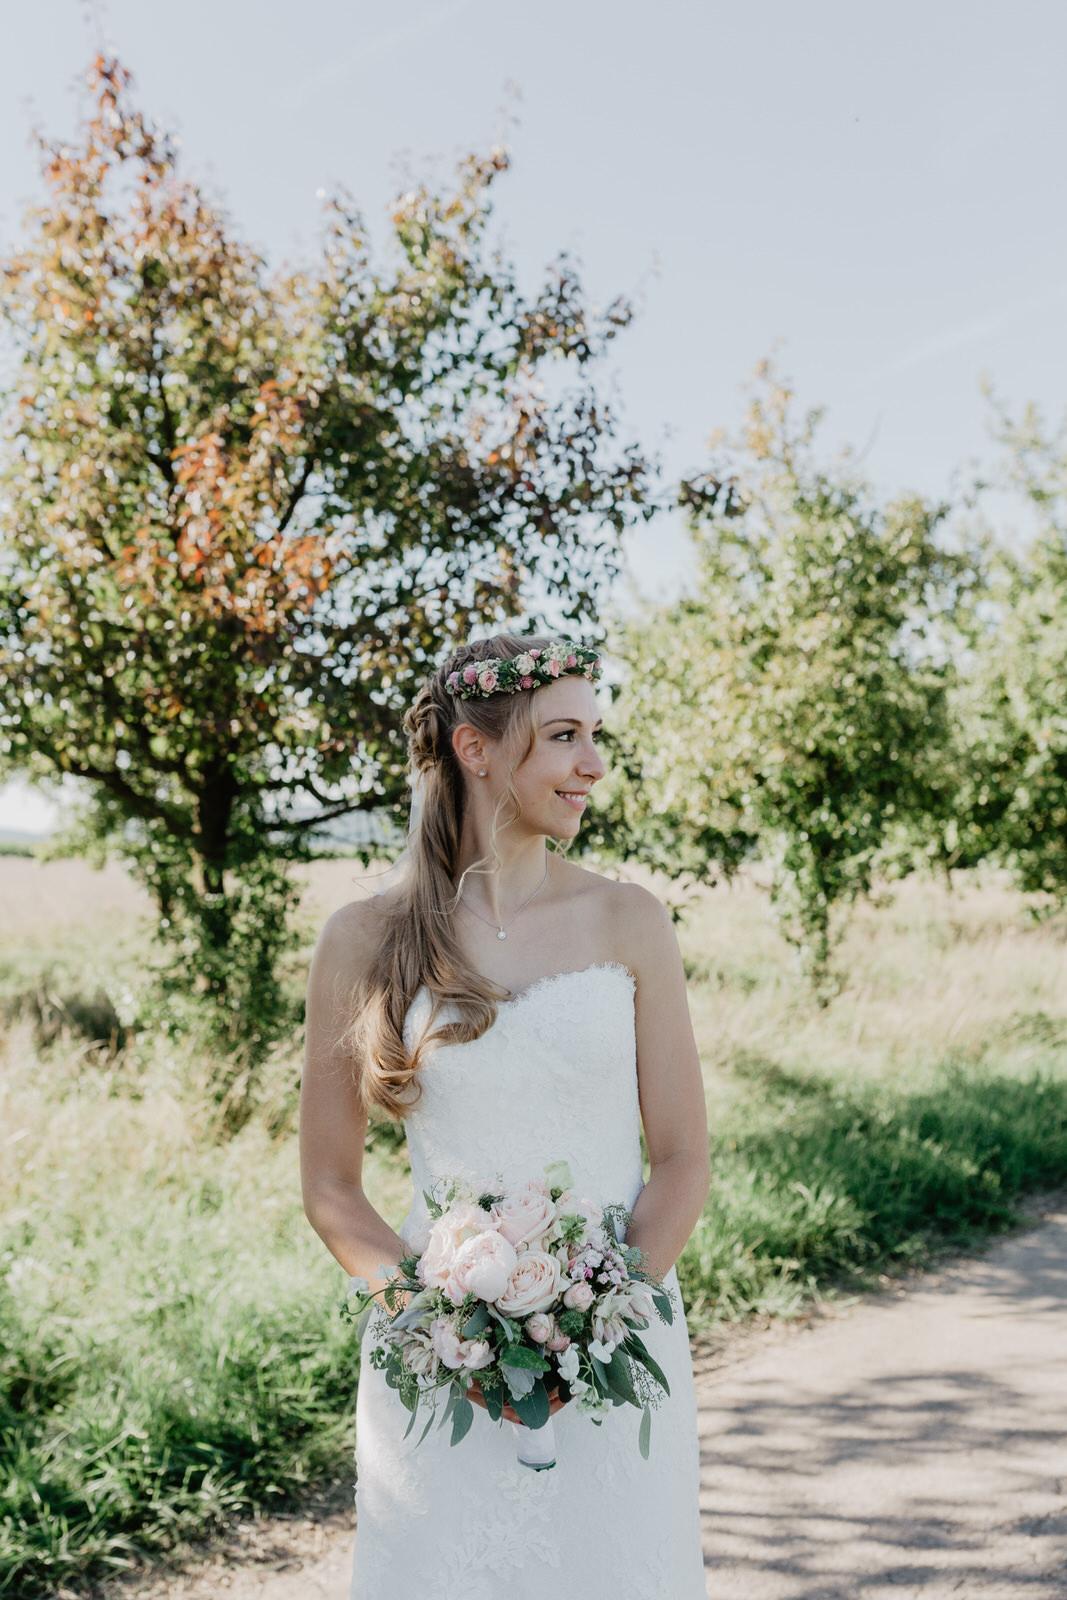 Hochzeitsfotograf, Fotografin für Hochzeiten